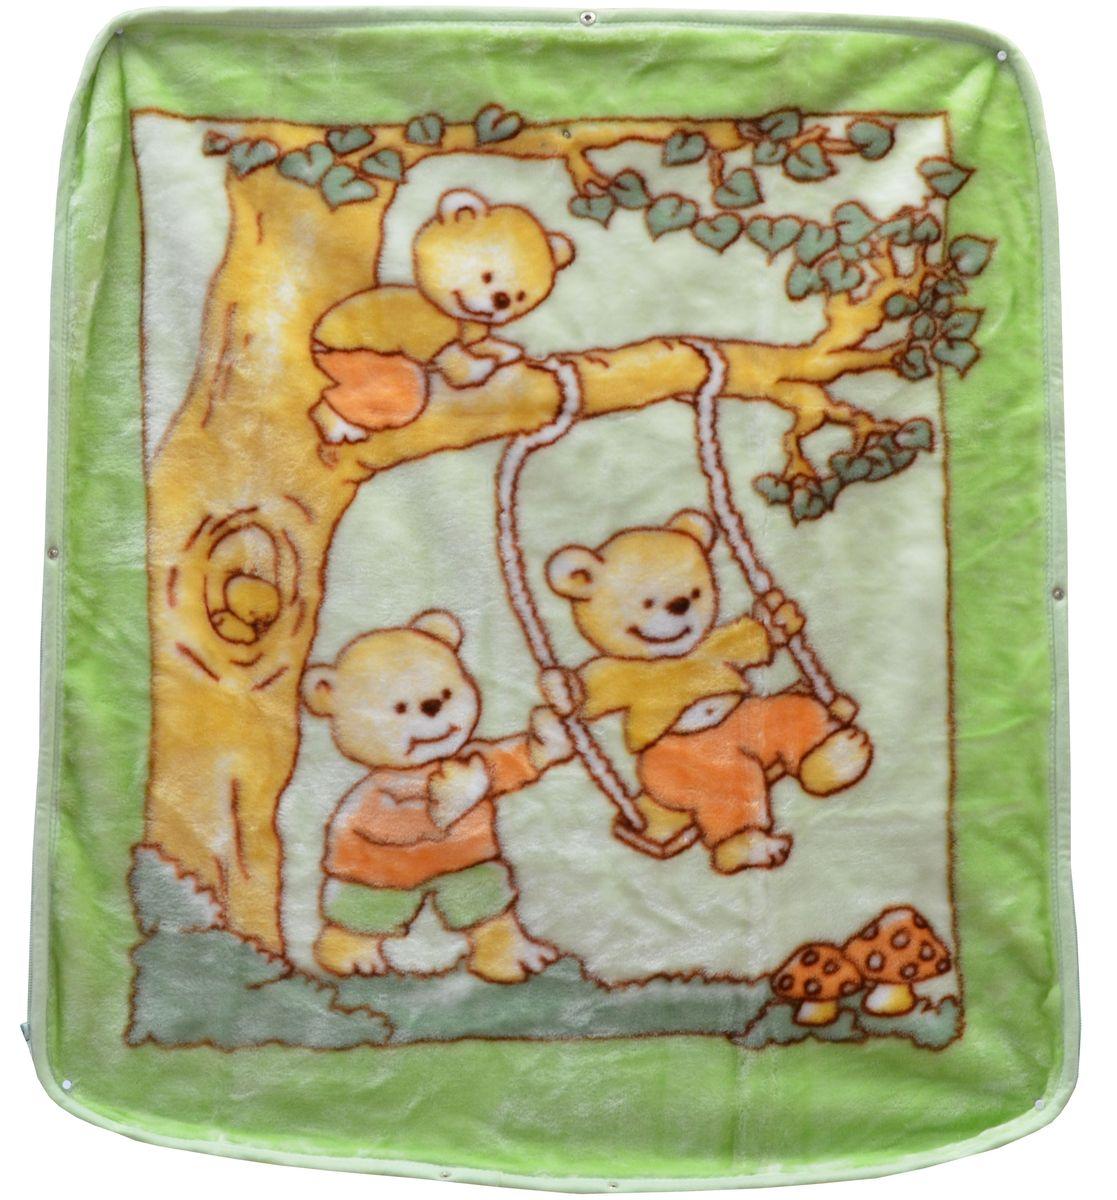 Bonne Fee Плед детский Плед-накидка для младенцев на молнии, 80 х 90 см, зеленыйОНДК/300-зел1Защита, тепло и комфорт для малышей - использован надёжный, качественный и мягкий материал! Удобство и спокойствие для родителей обеспечивается универсальностью пледа-накидки, конструкция которого позволяет ему легко превращаться в конвертик. Отличное качество и практичность! Любите своего ребёнка и дарите ему лучшее!